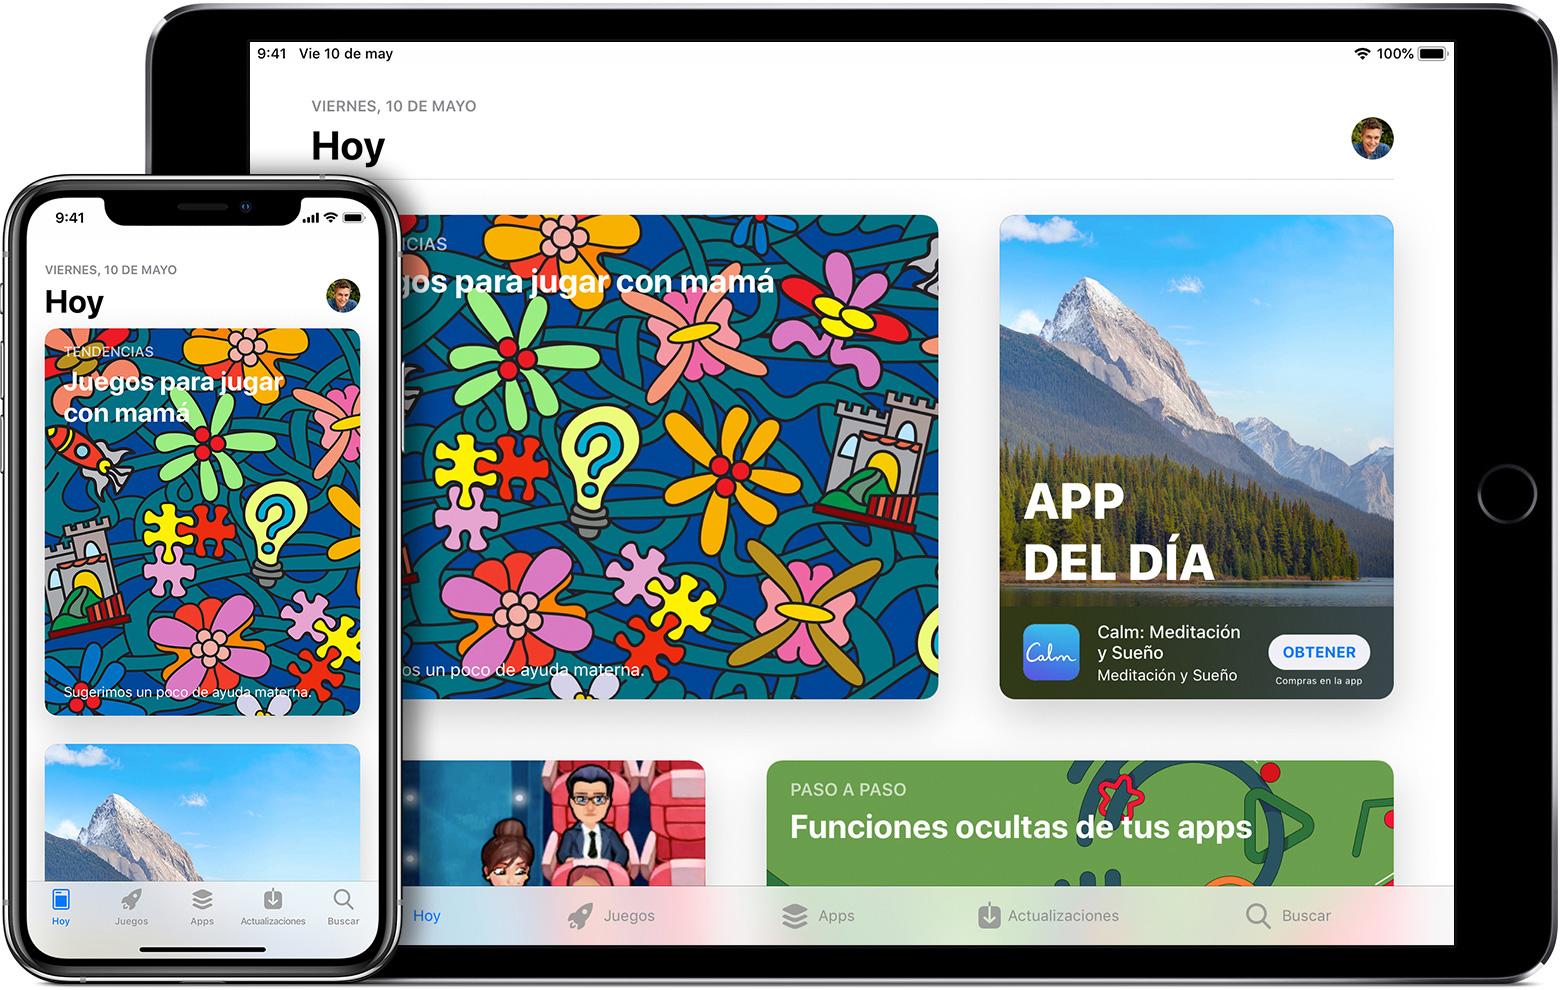 592f6dd51e5 Descargar apps y juegos a través de App Store - Soporte té ...